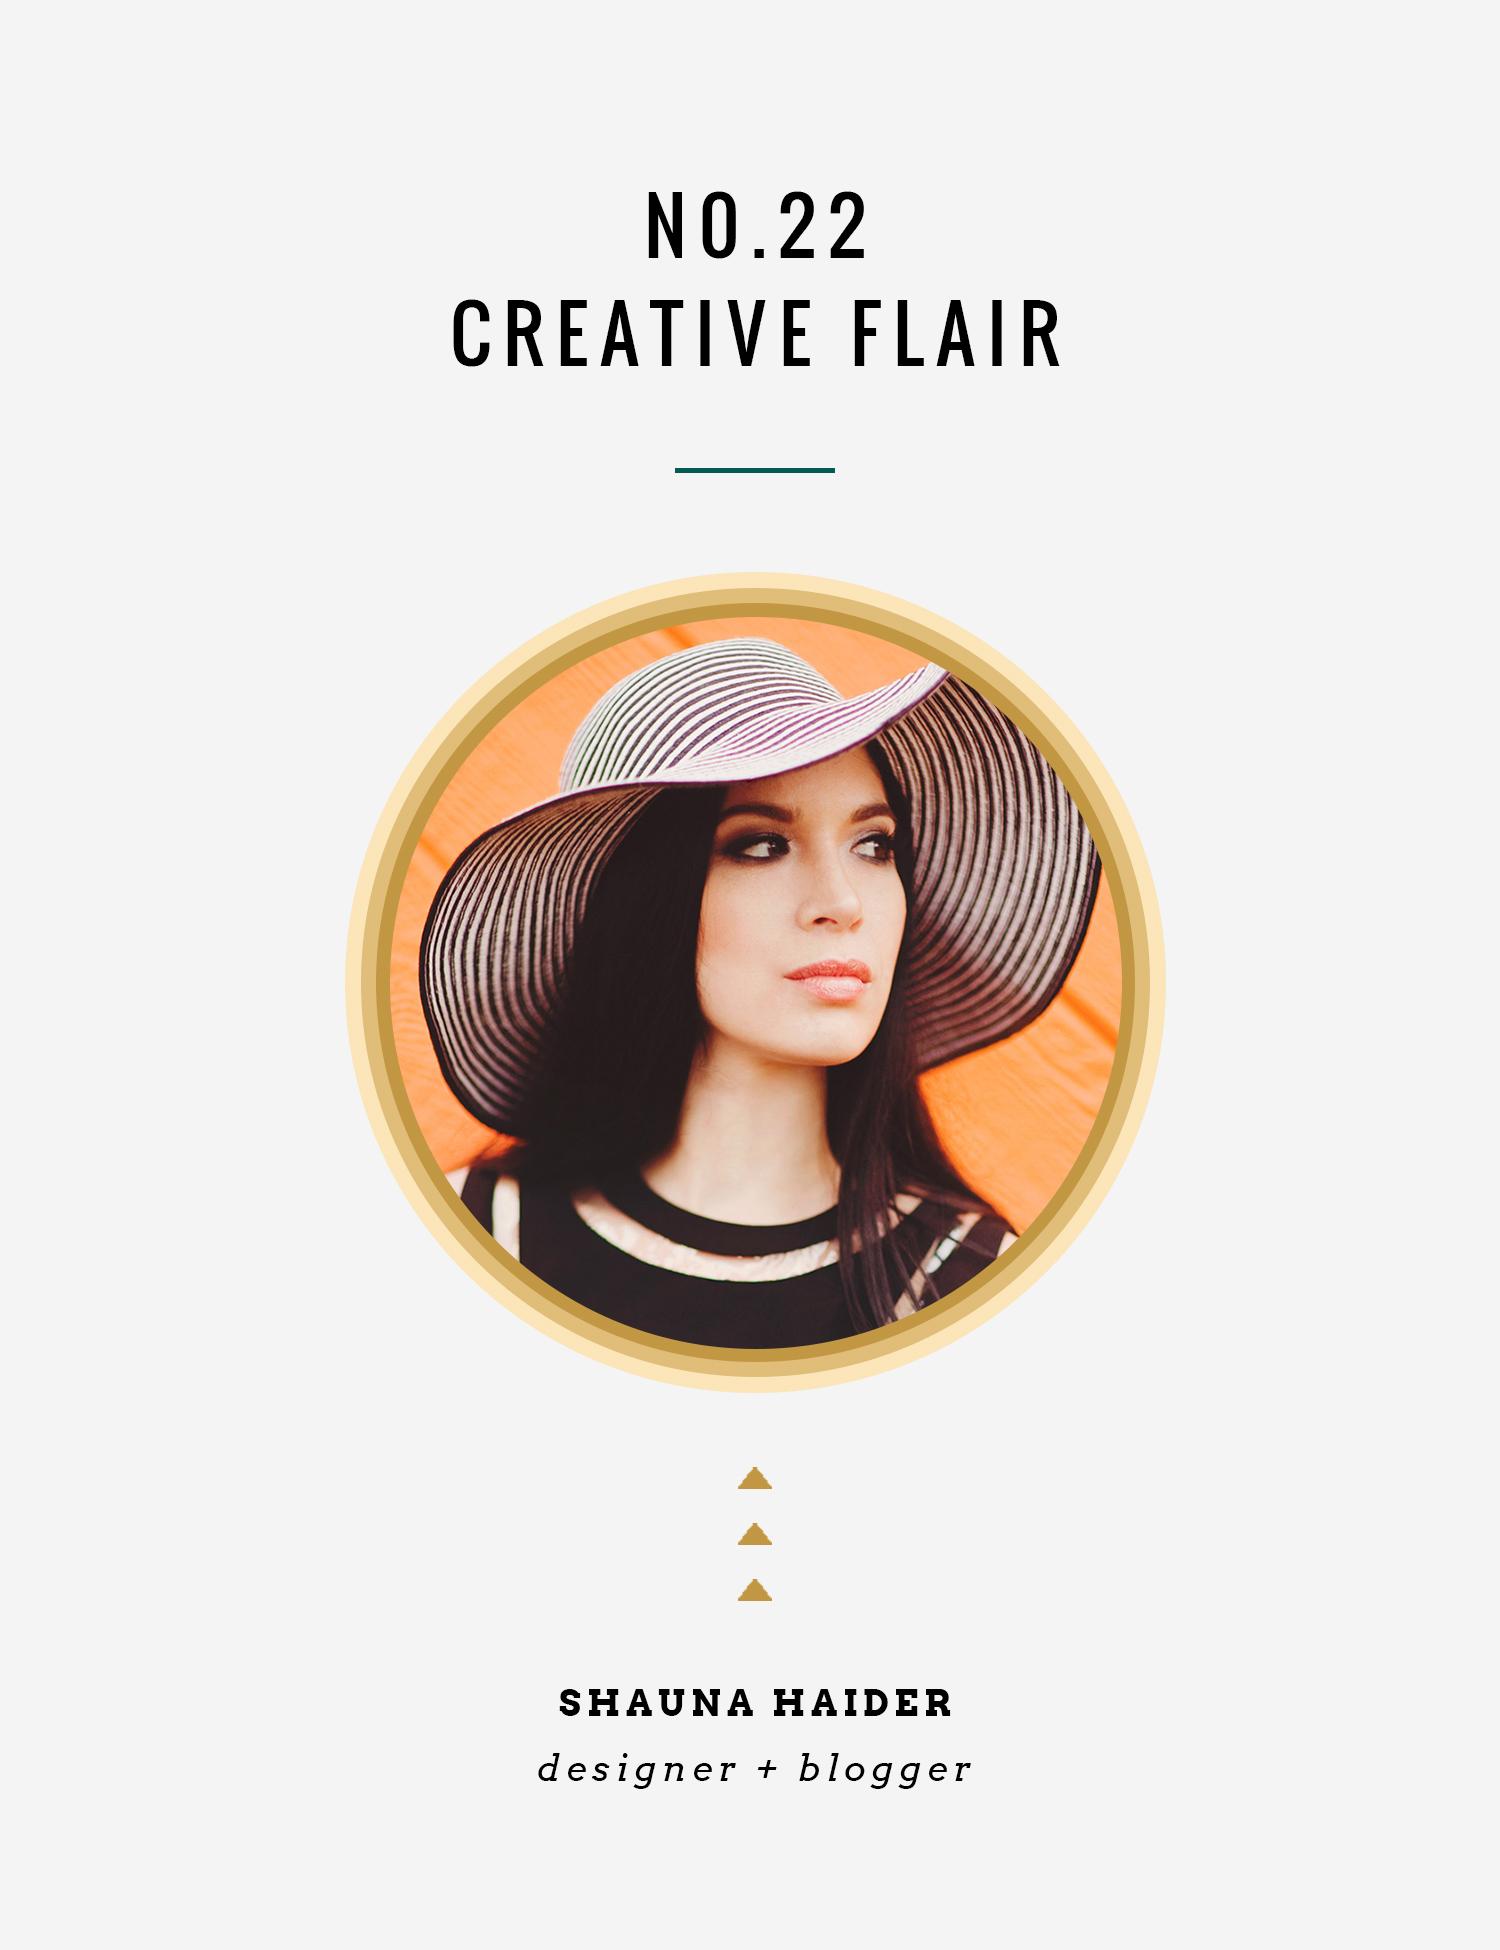 Creative Flair : Shauna Haider | InBetween the Curls